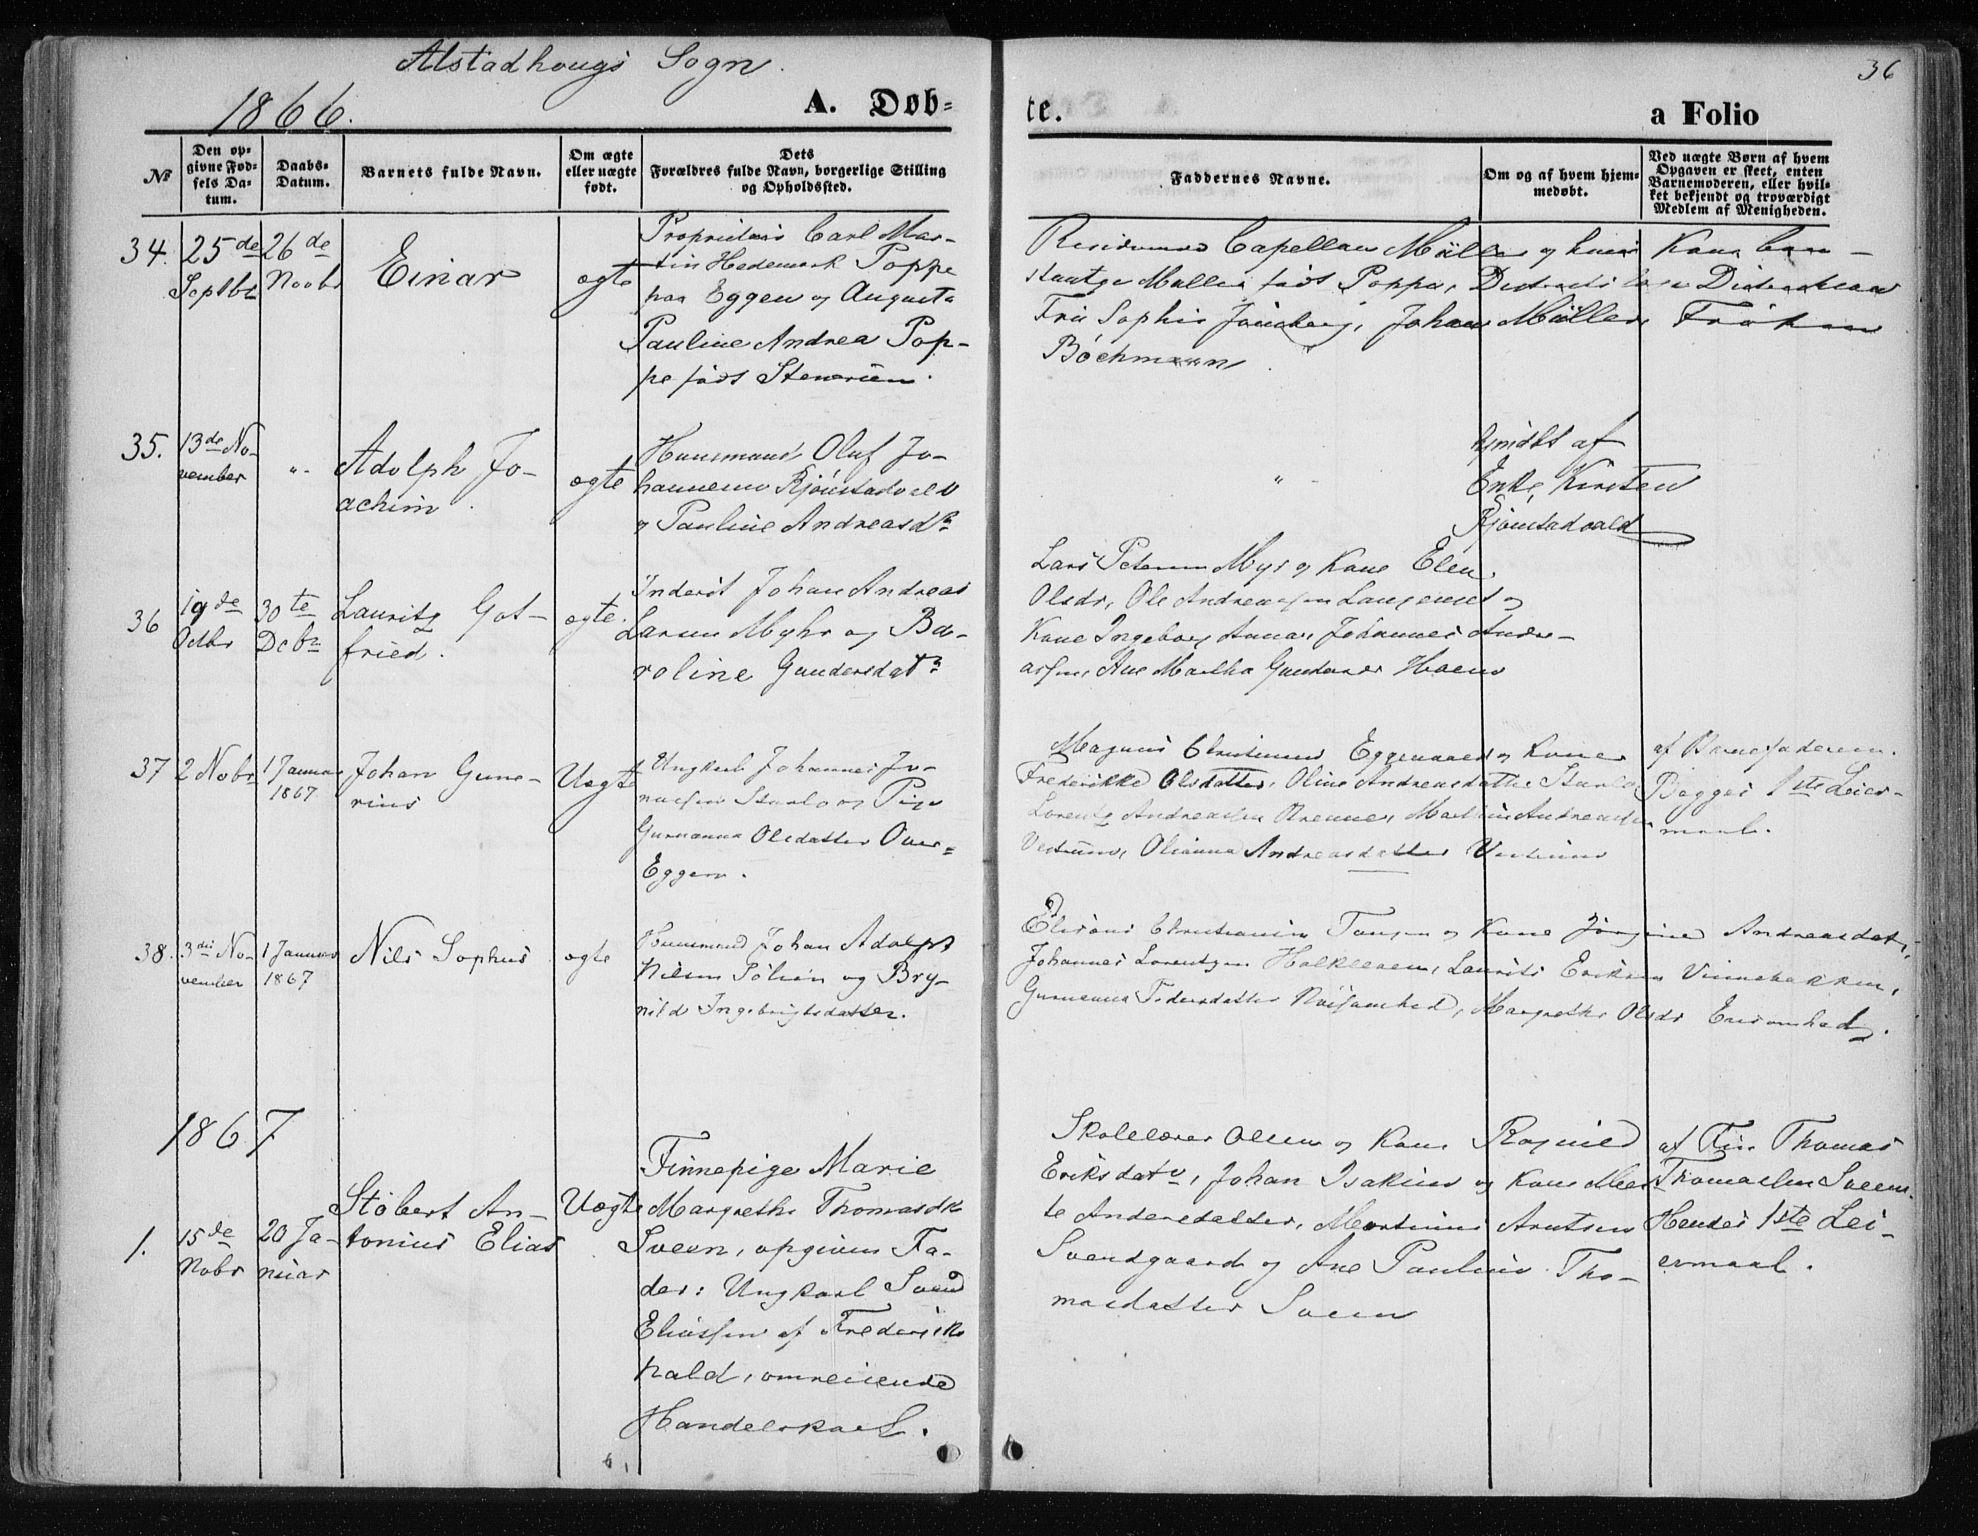 SAT, Ministerialprotokoller, klokkerbøker og fødselsregistre - Nord-Trøndelag, 717/L0157: Ministerialbok nr. 717A08 /1, 1863-1877, s. 36